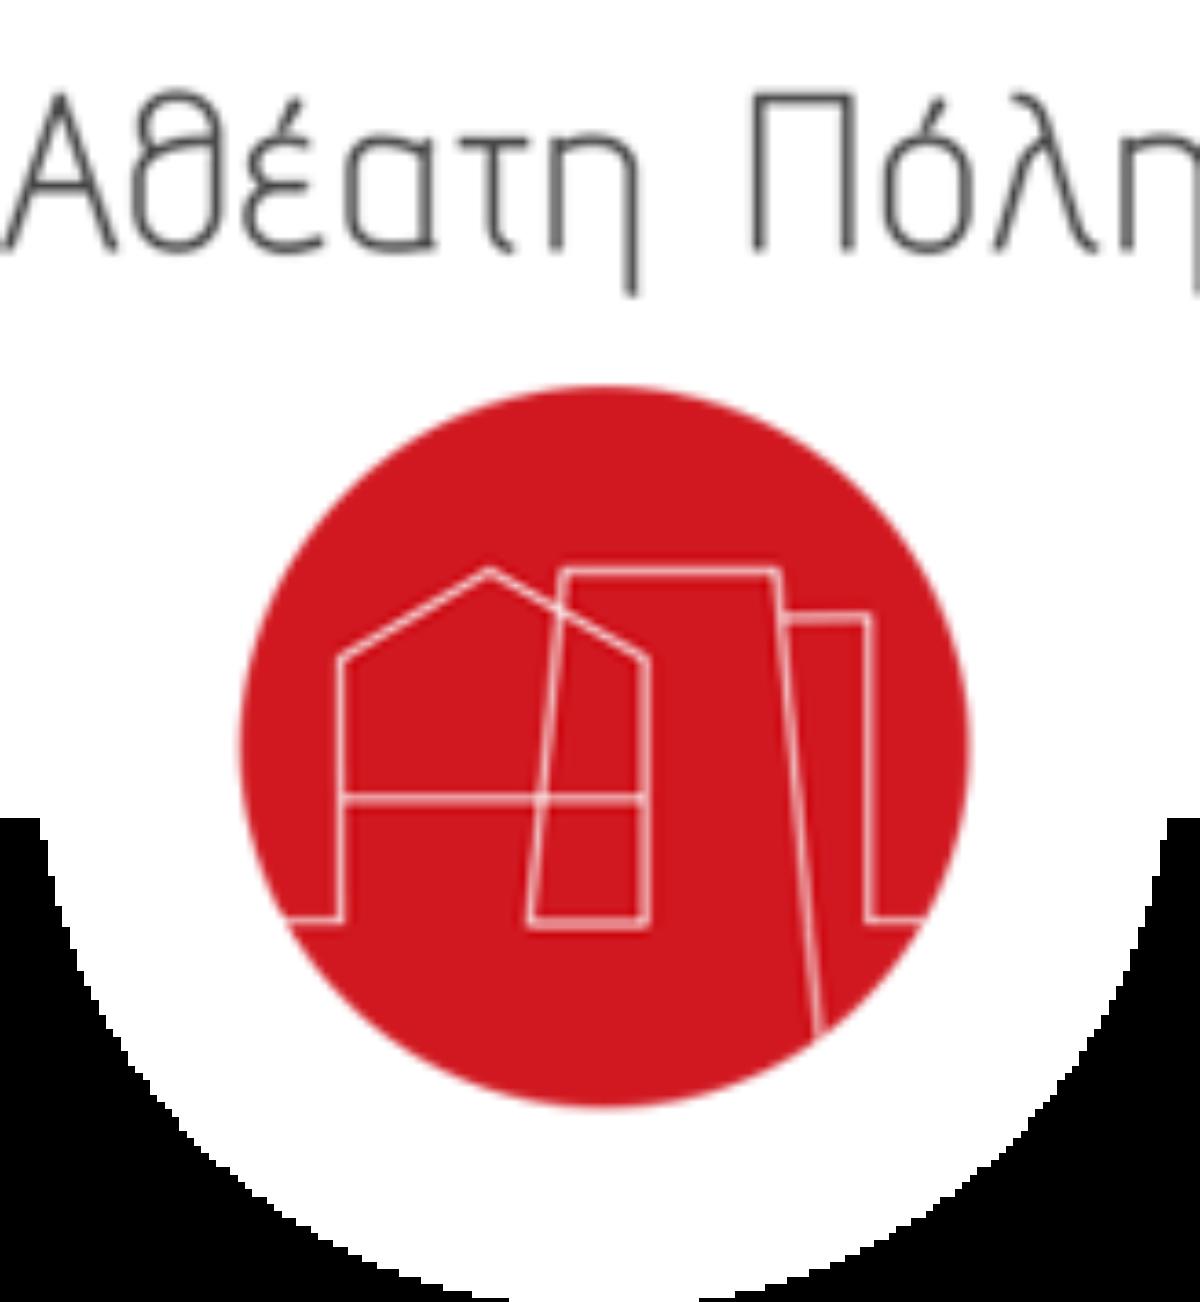 Φεστιβάλ για το δημόσιο χώρο «Αθέατη Πόλη», 13, 14 και 15 Σεπτεμβρίου 2019, Ηράκλειο Κρήτης